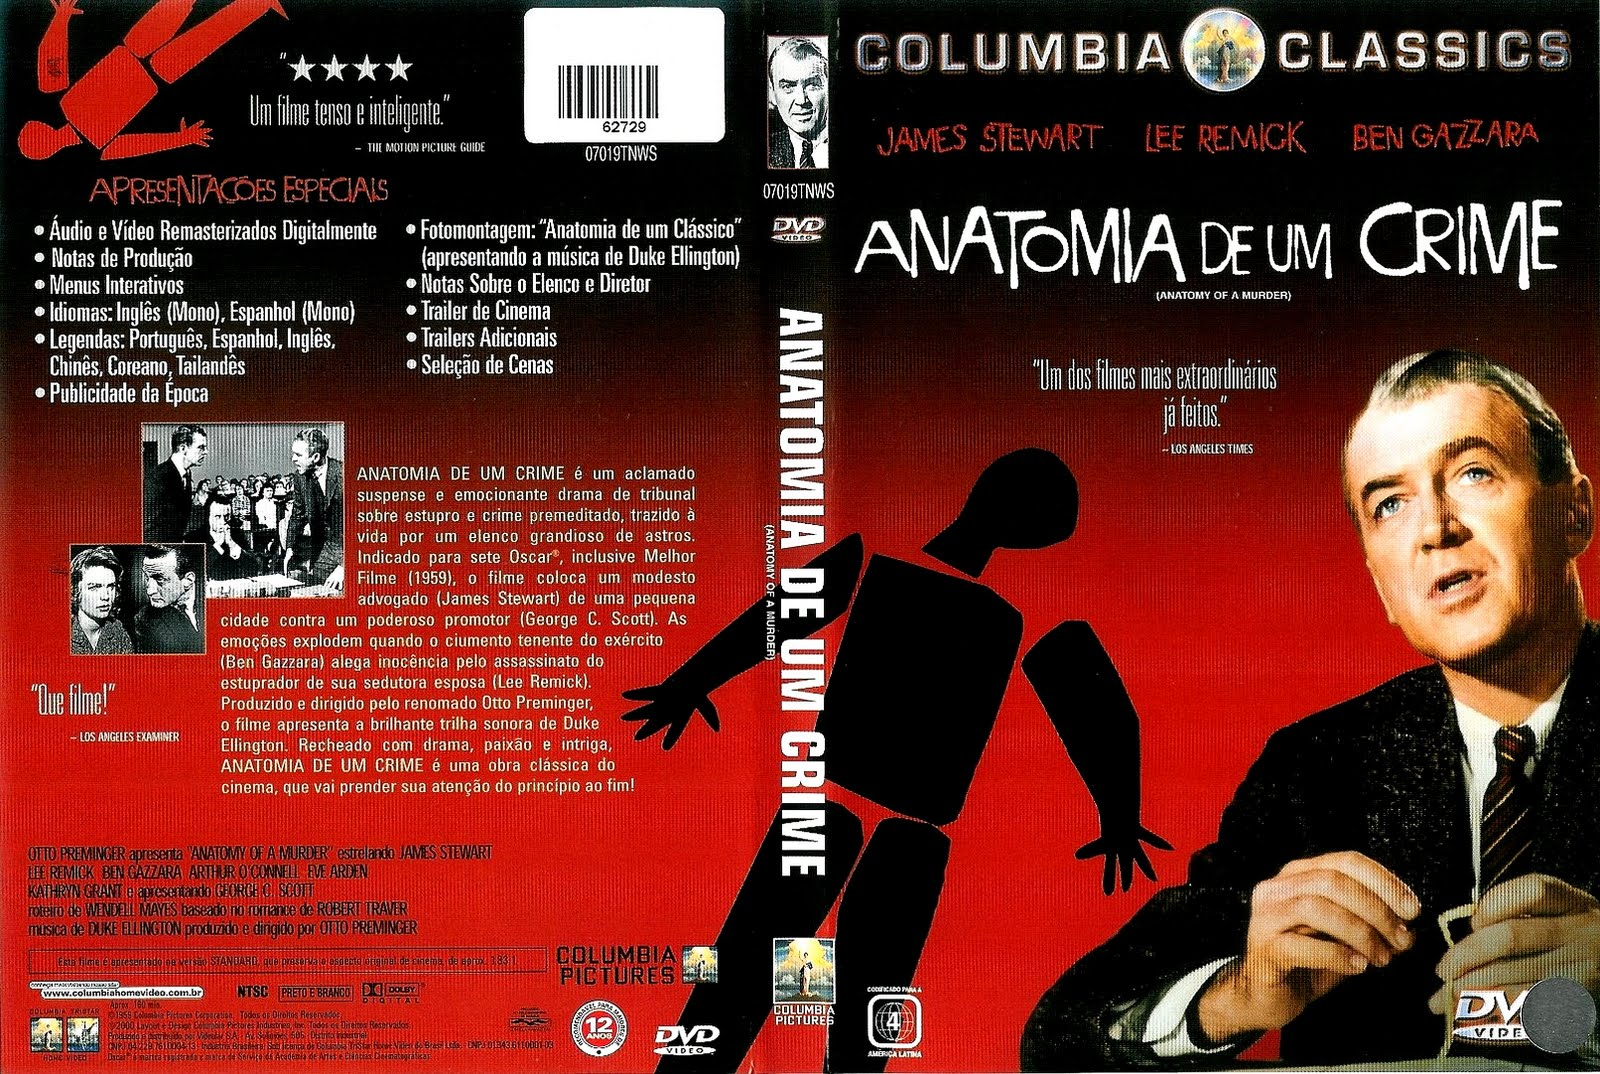 http://4.bp.blogspot.com/_56N_enXK-4o/TDXiPC9oKNI/AAAAAAAAAC0/n5kIZYg_MX0/s1600/Anatomia-de-Um-Crime.jpg